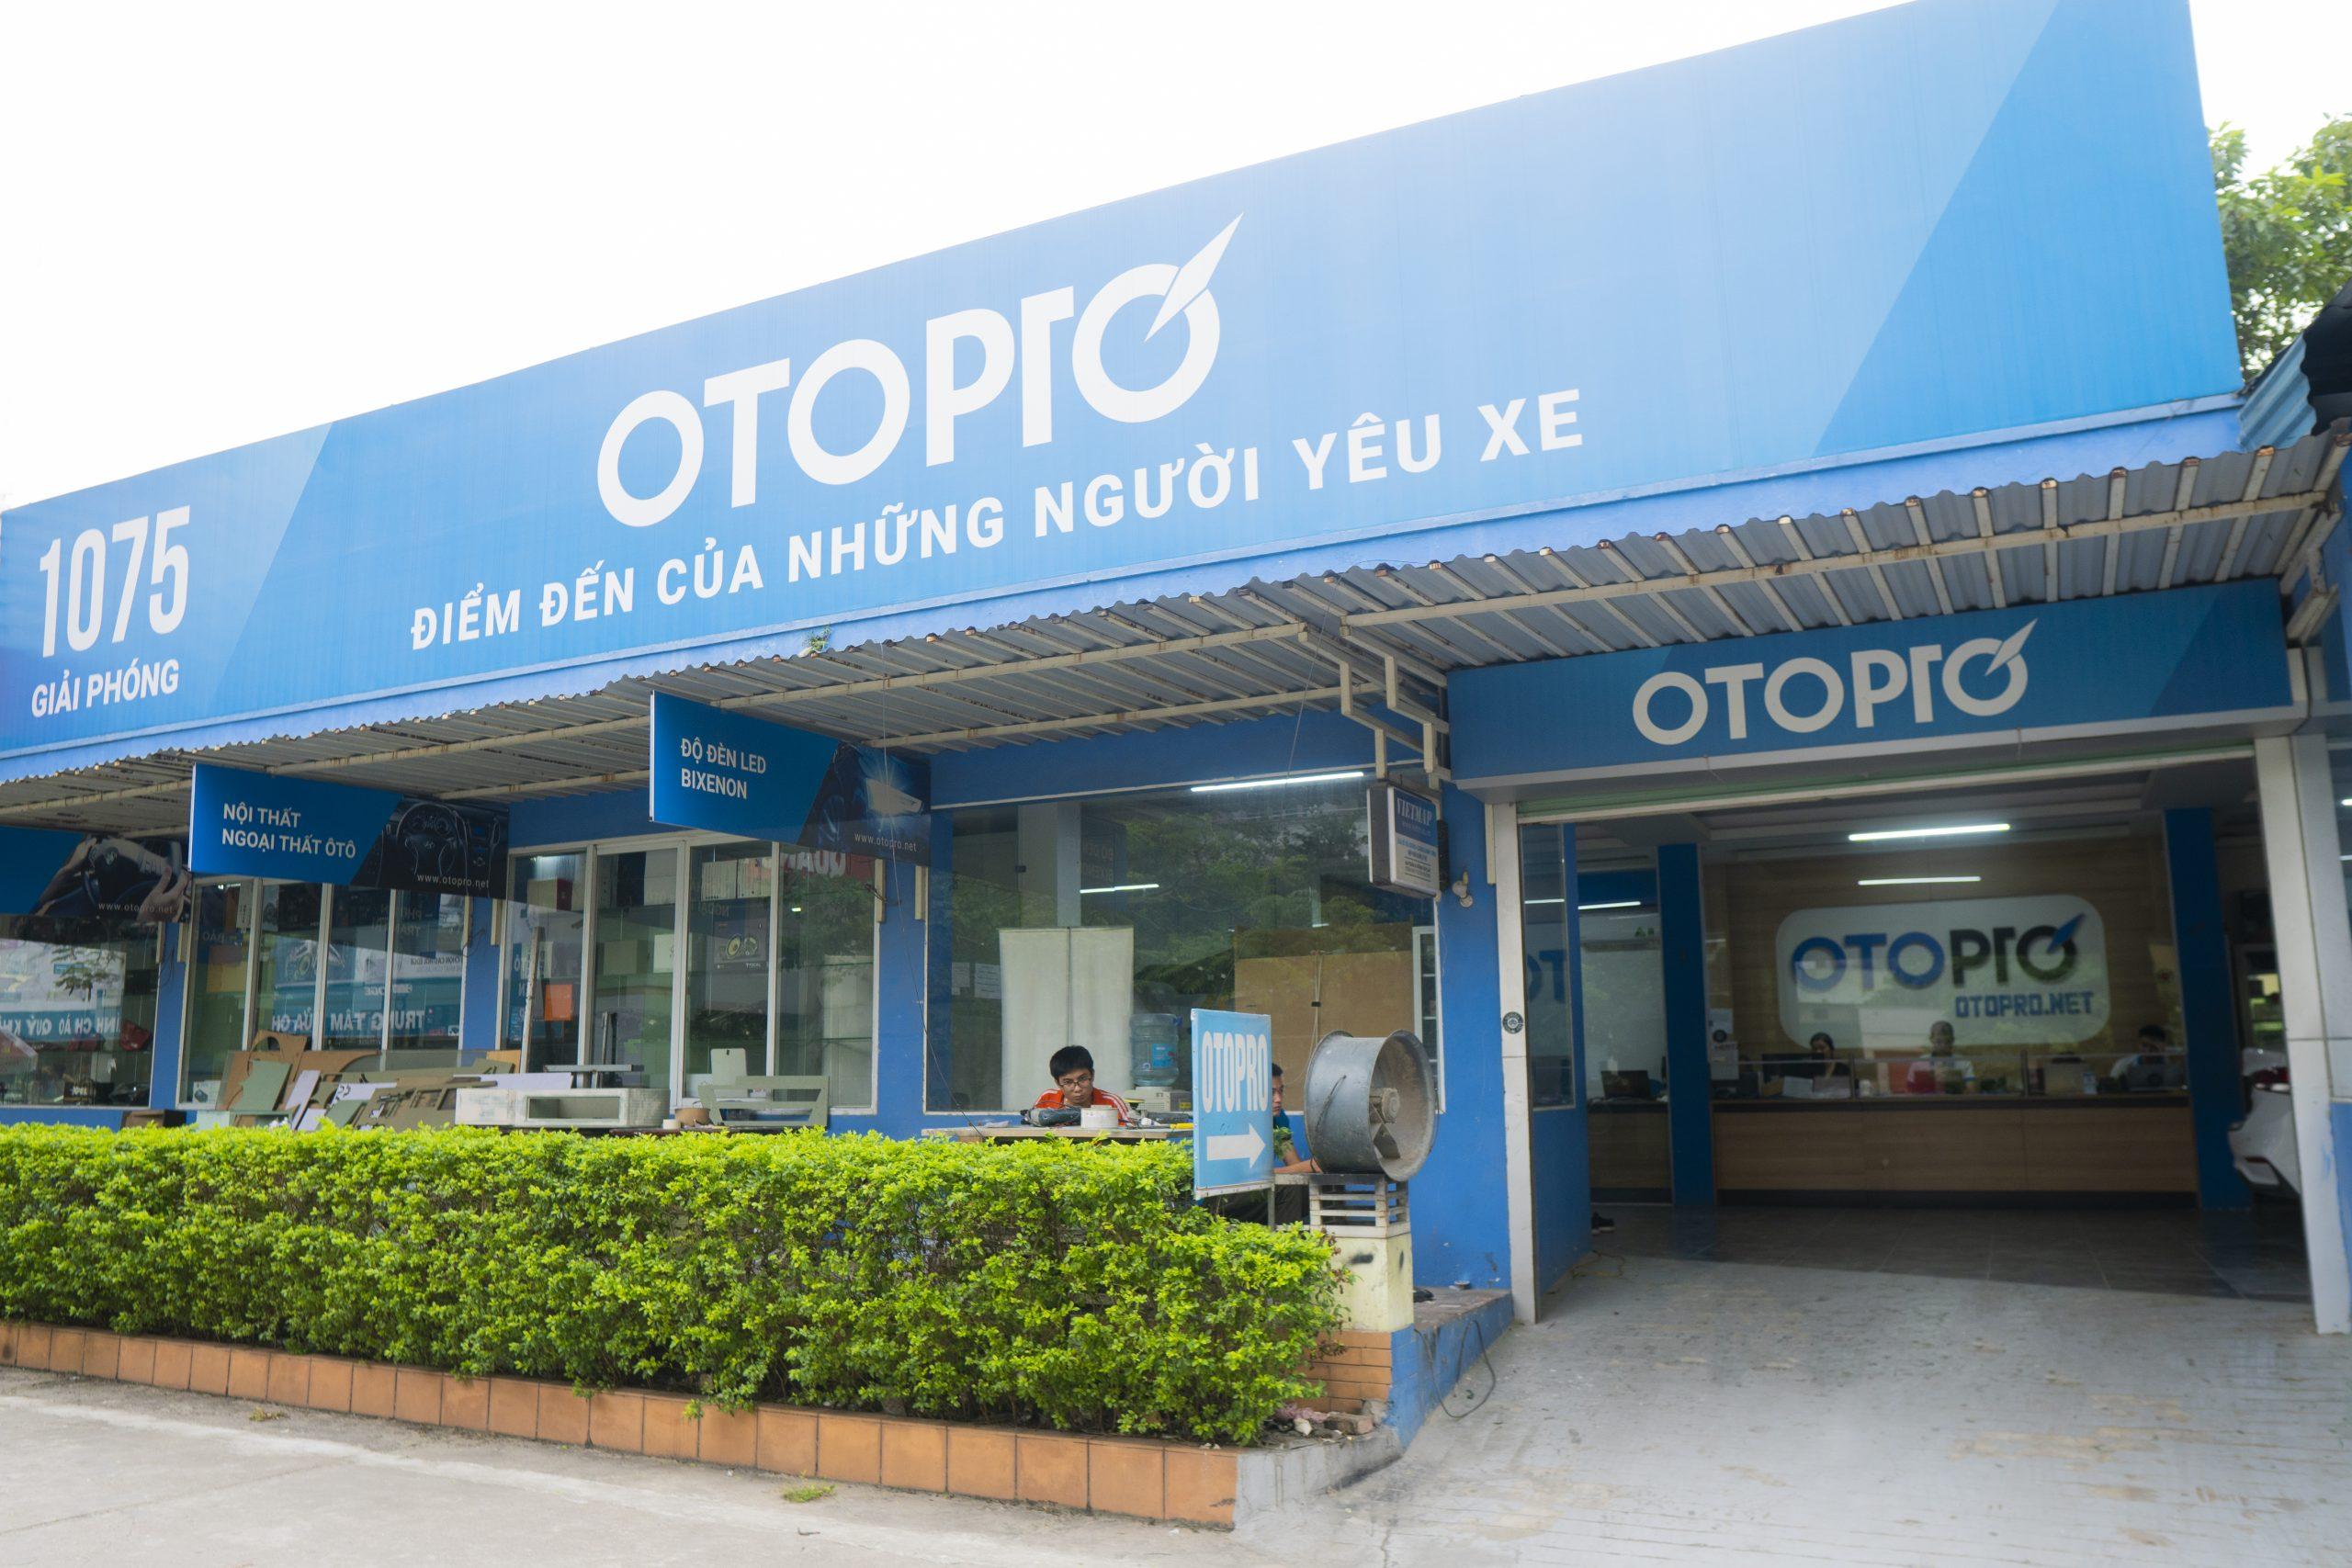 Chuỗi cửa hàng OTO PRO tai Hà Nội